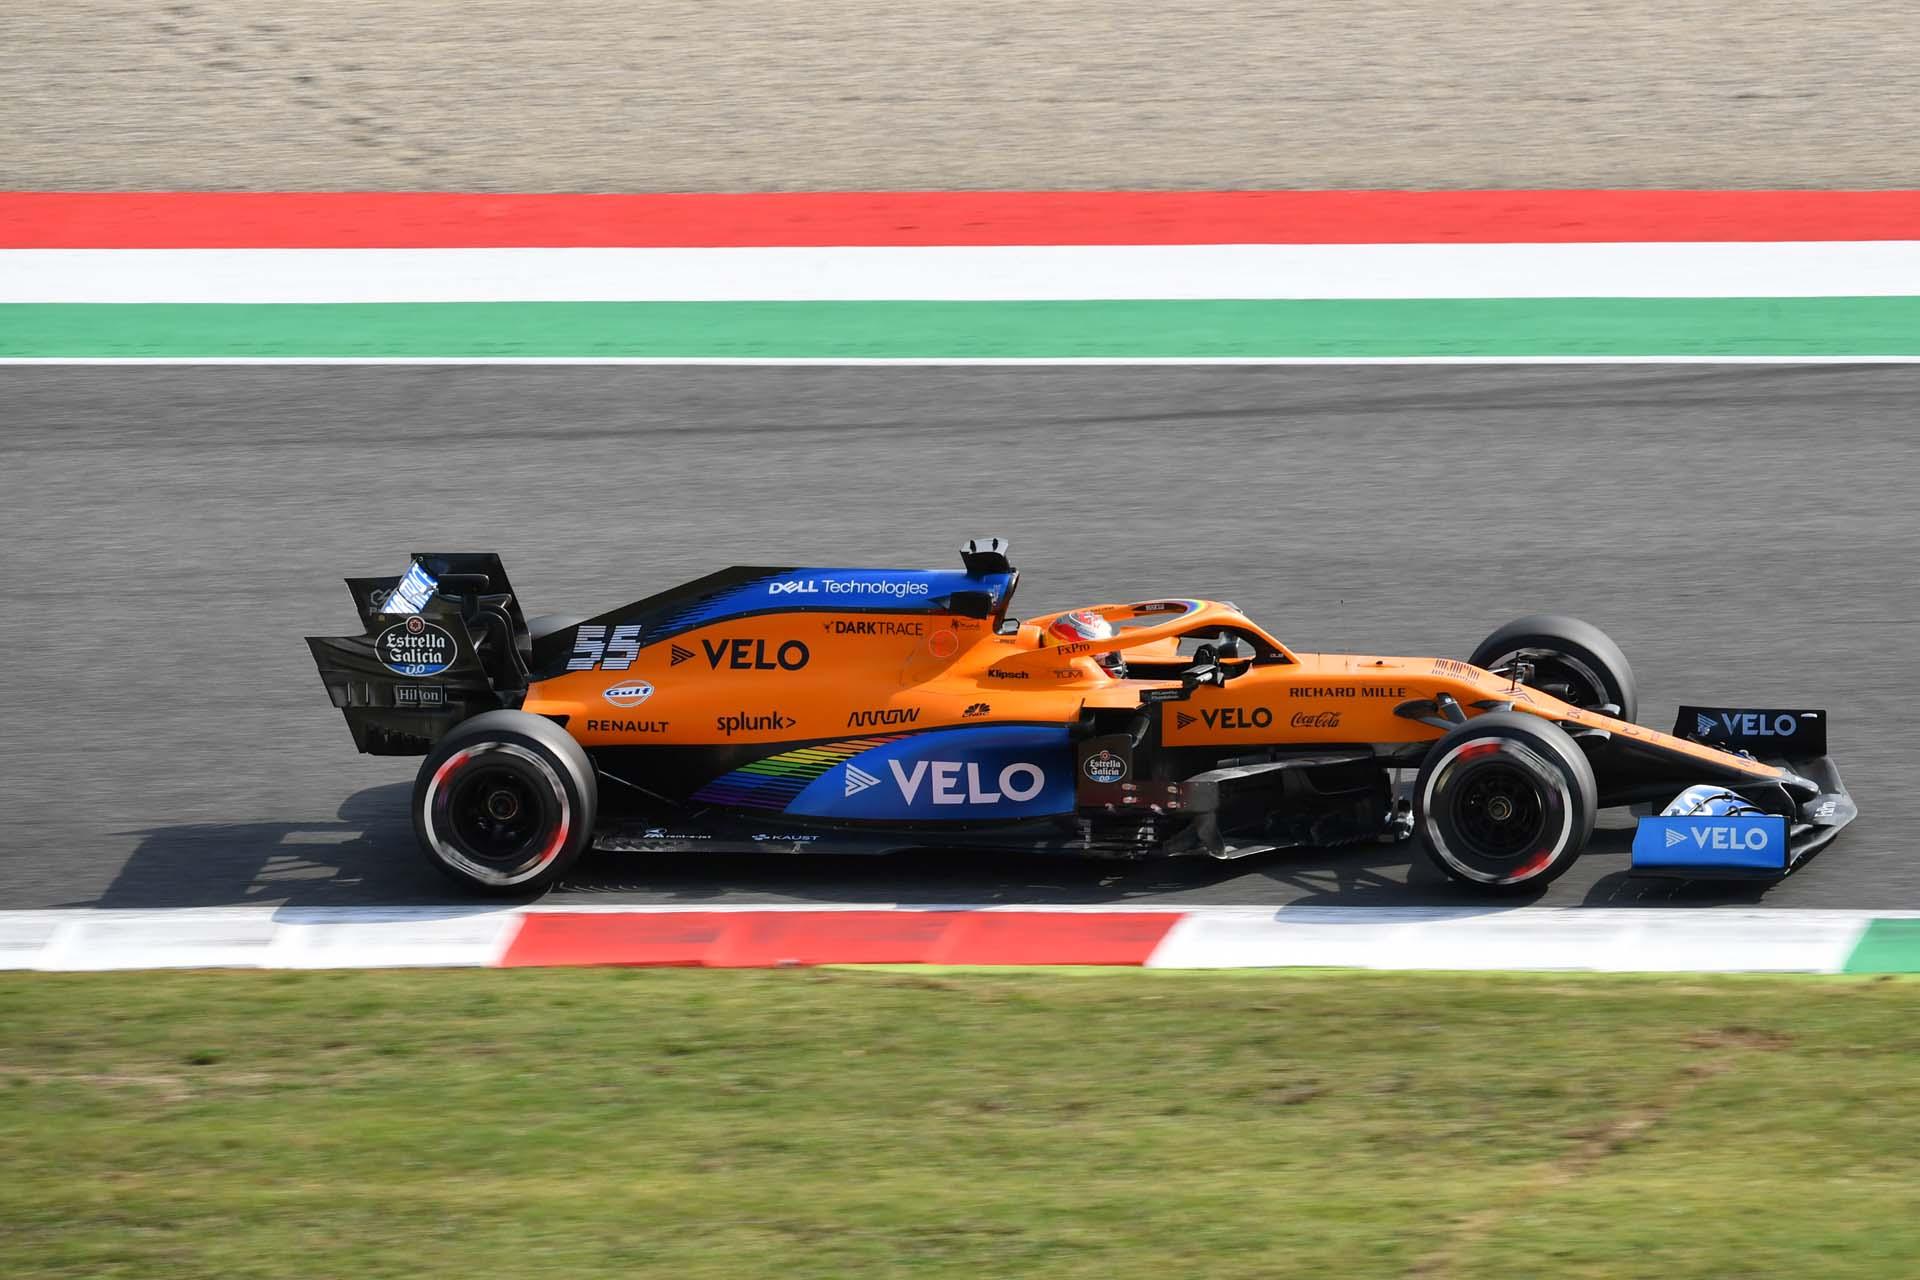 Carlos Sainz, McLaren MCL35, in a corner